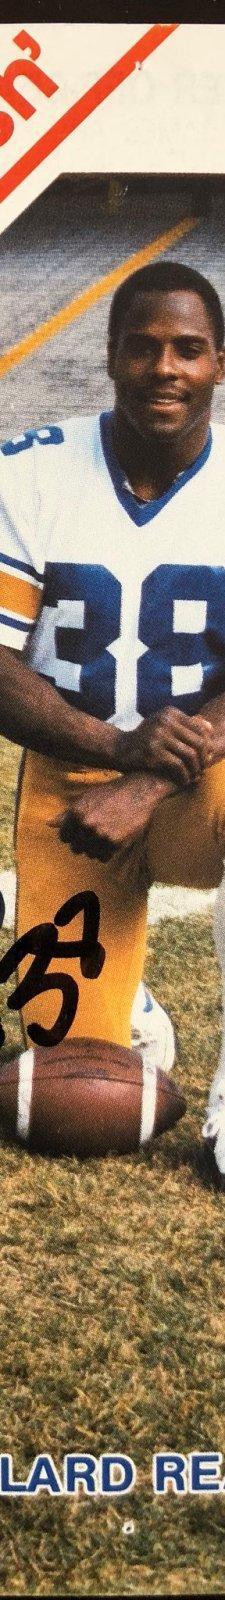 Willard Reaves as a Winnipeg Blue Bomber.